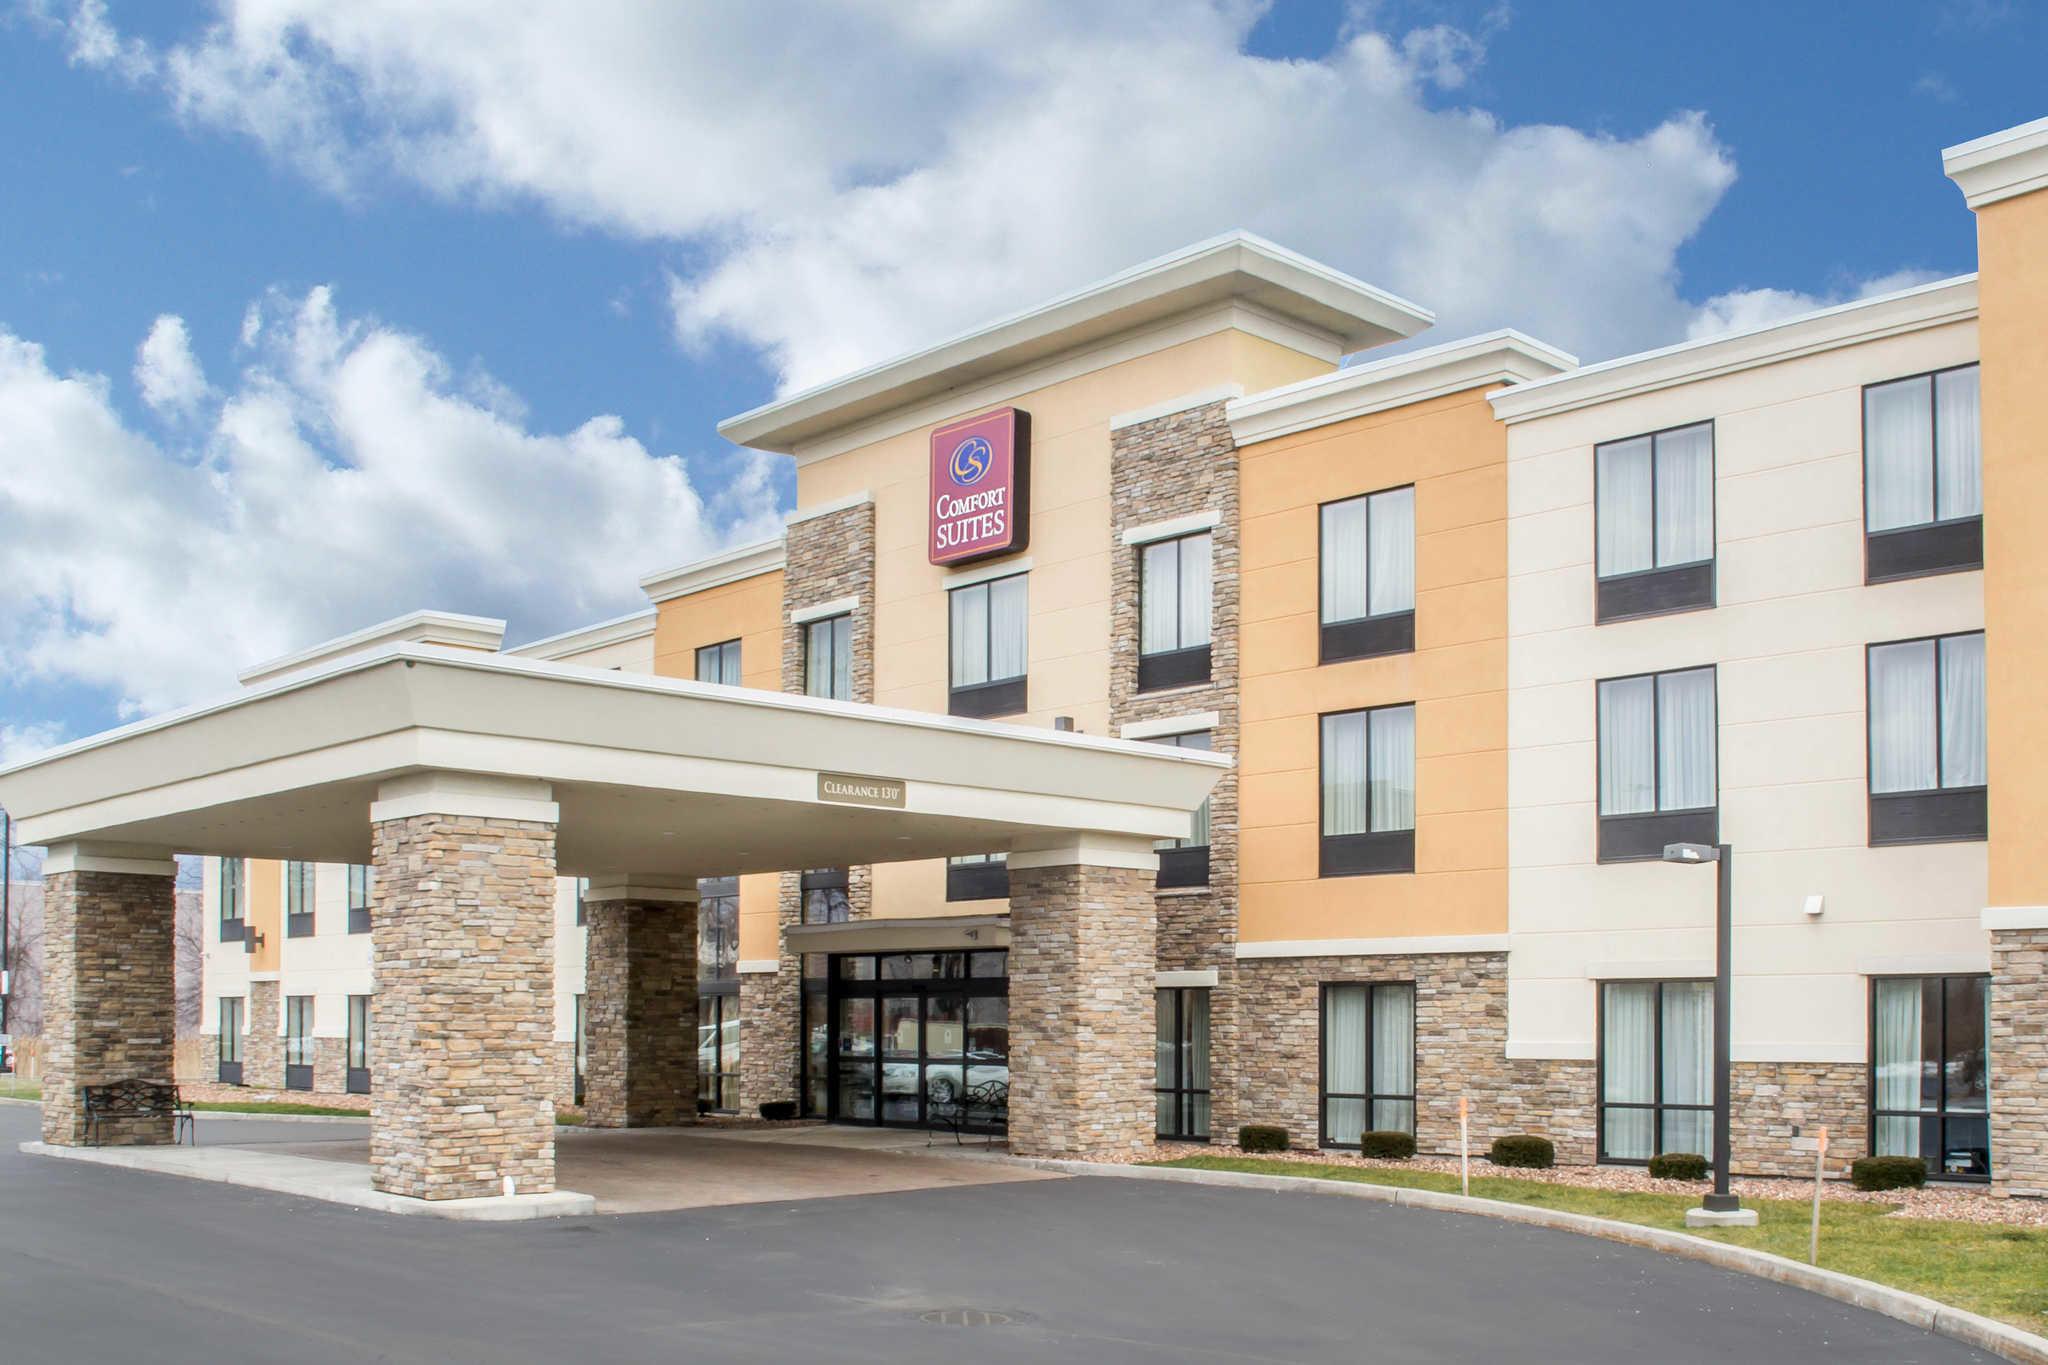 Hotel in NY Cicero 13039 Comfort Suites Cicero - Syracuse North 5875 Carmenica Drive I-81 exit 30 (315)752-0150